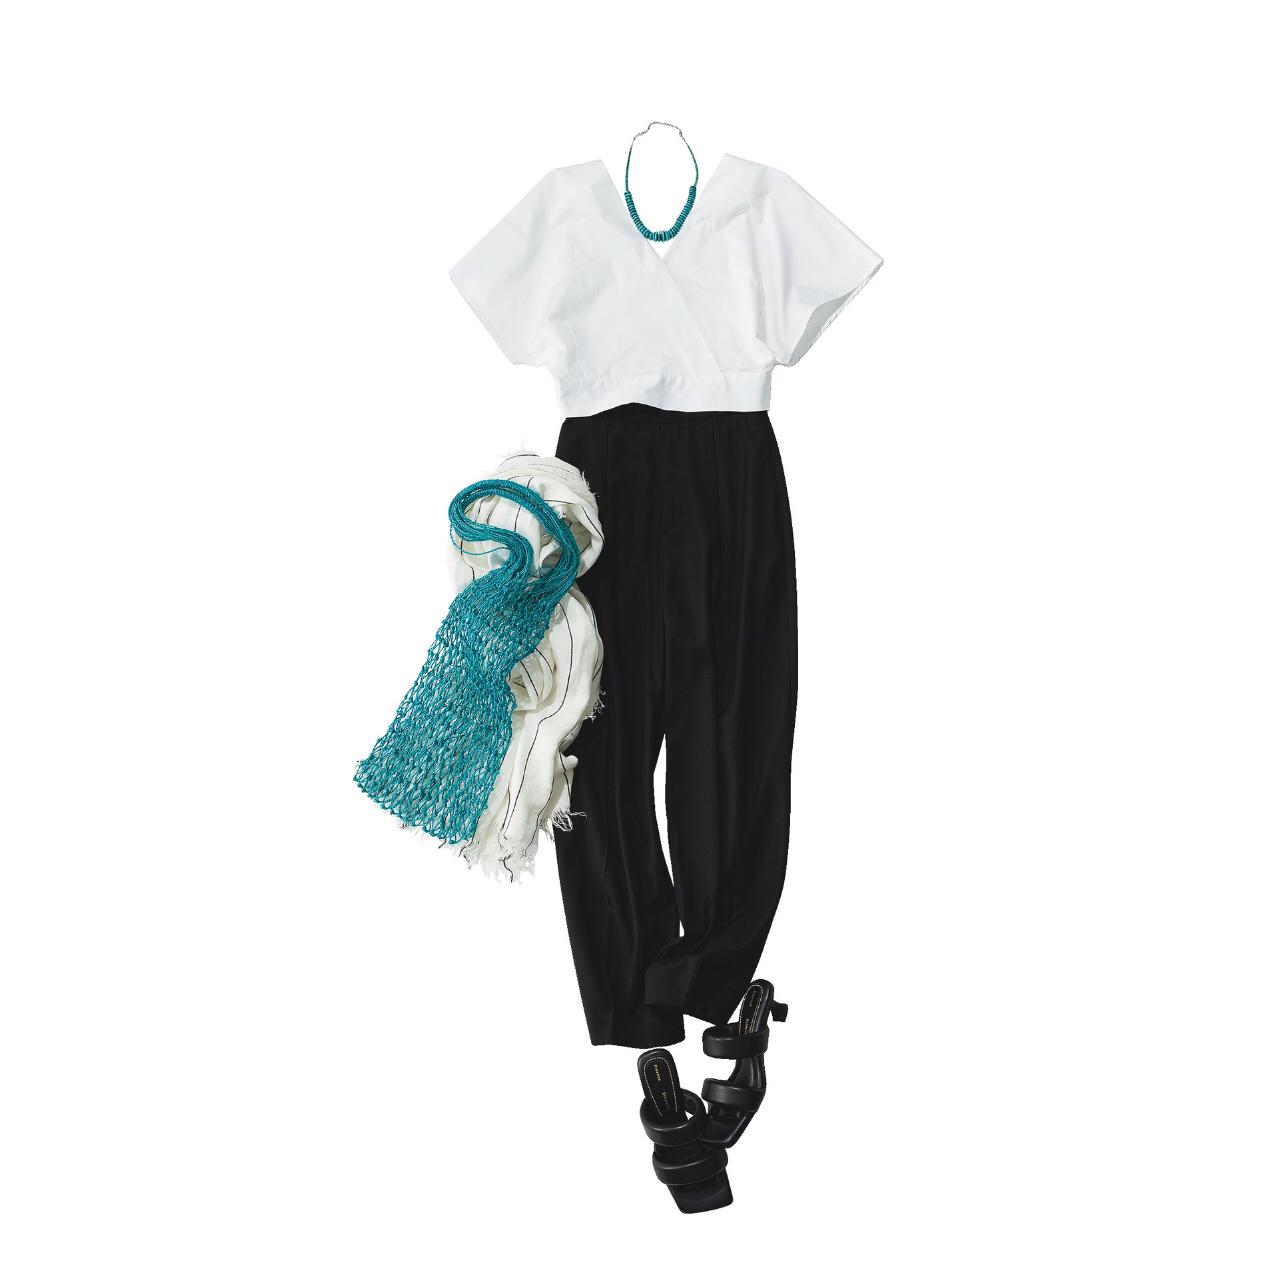 【真夏こそ映える黒コーデ】重たく見えず、シックに決まるアラフォーの黒コーデまとめ|40代ファッション_1_8